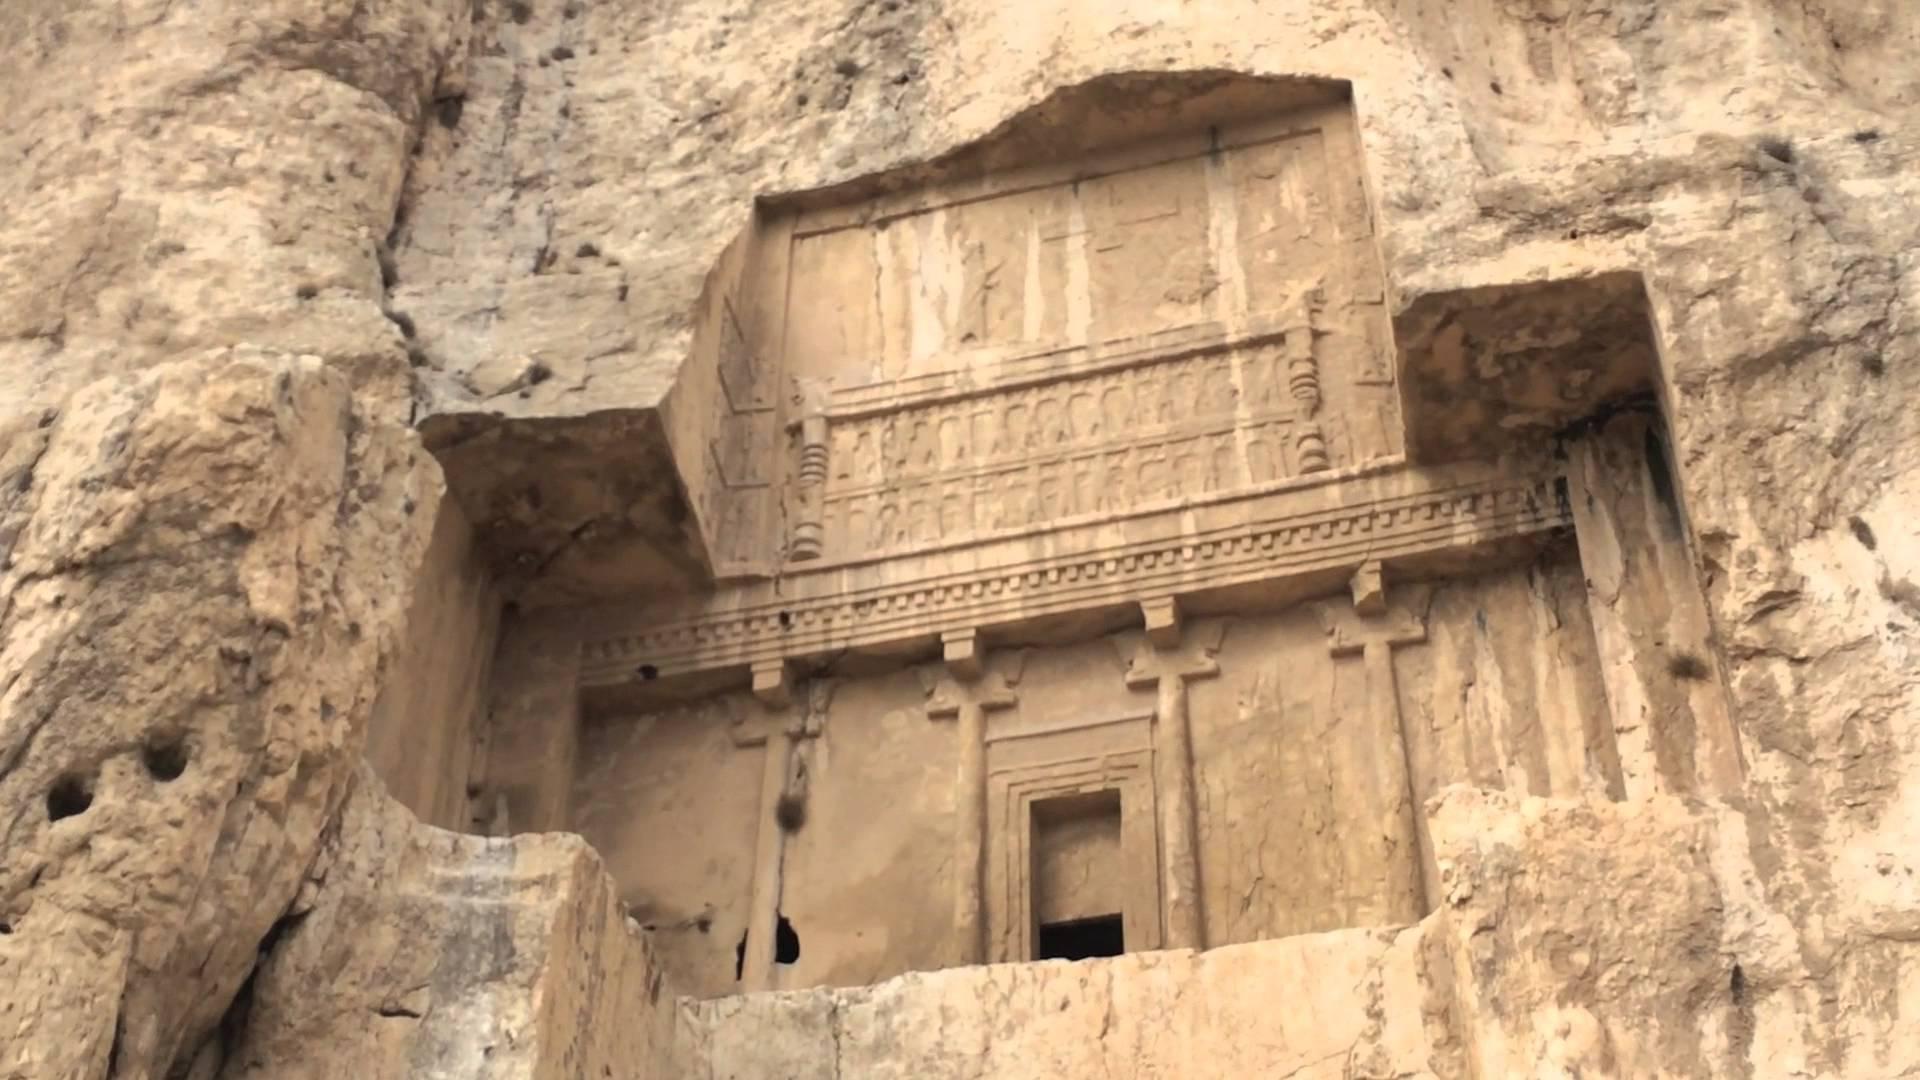 نقش رستم از دیگر آثار تاریخی شیراز